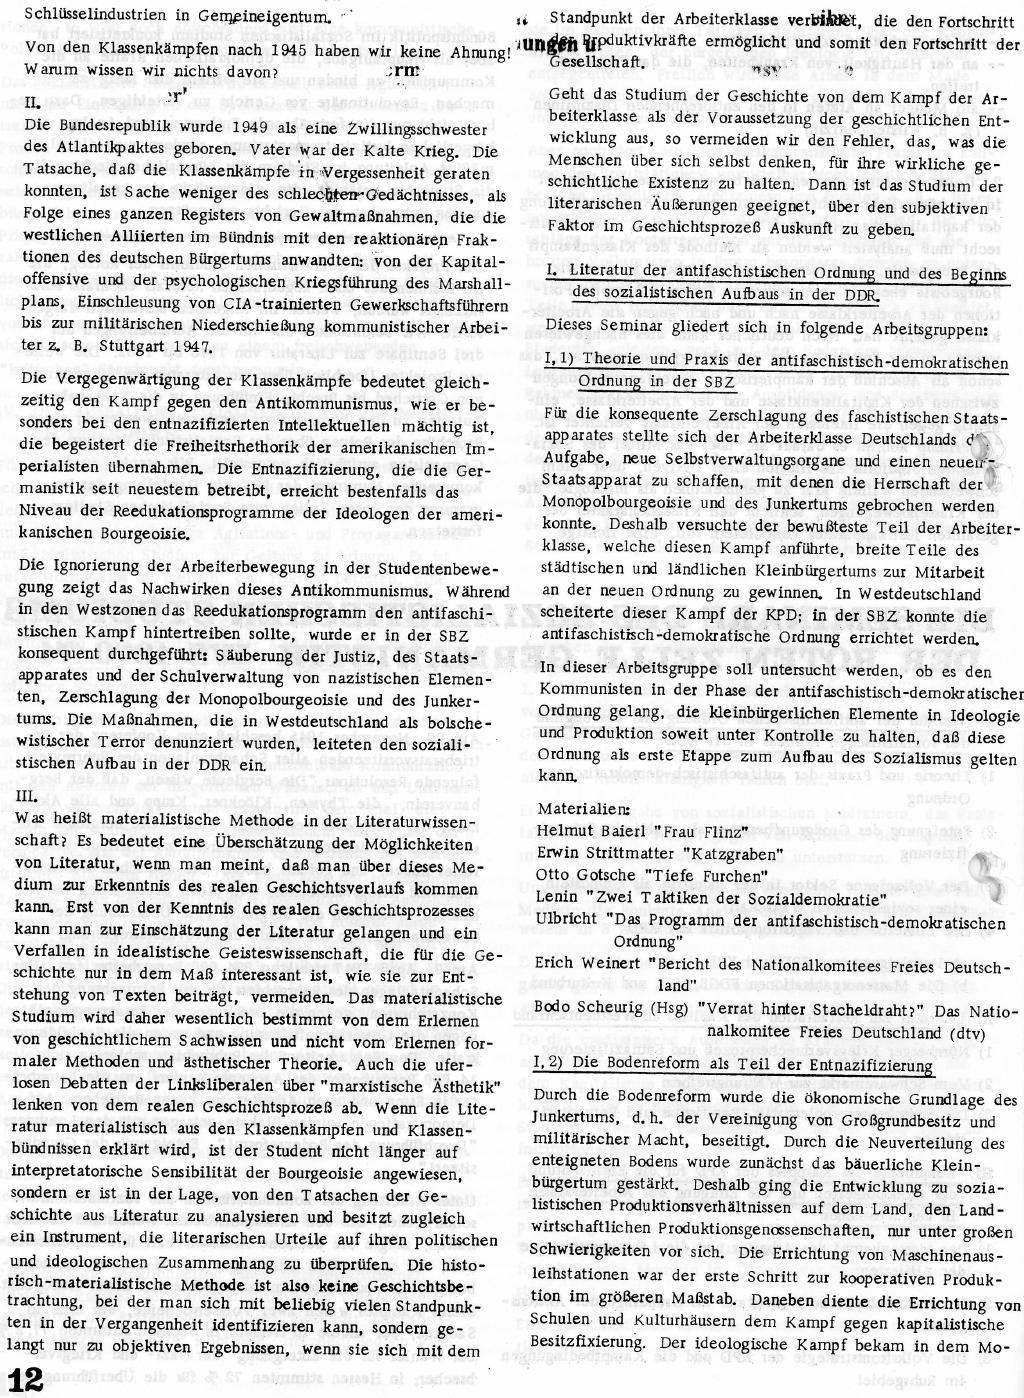 RPK_1970_088_12